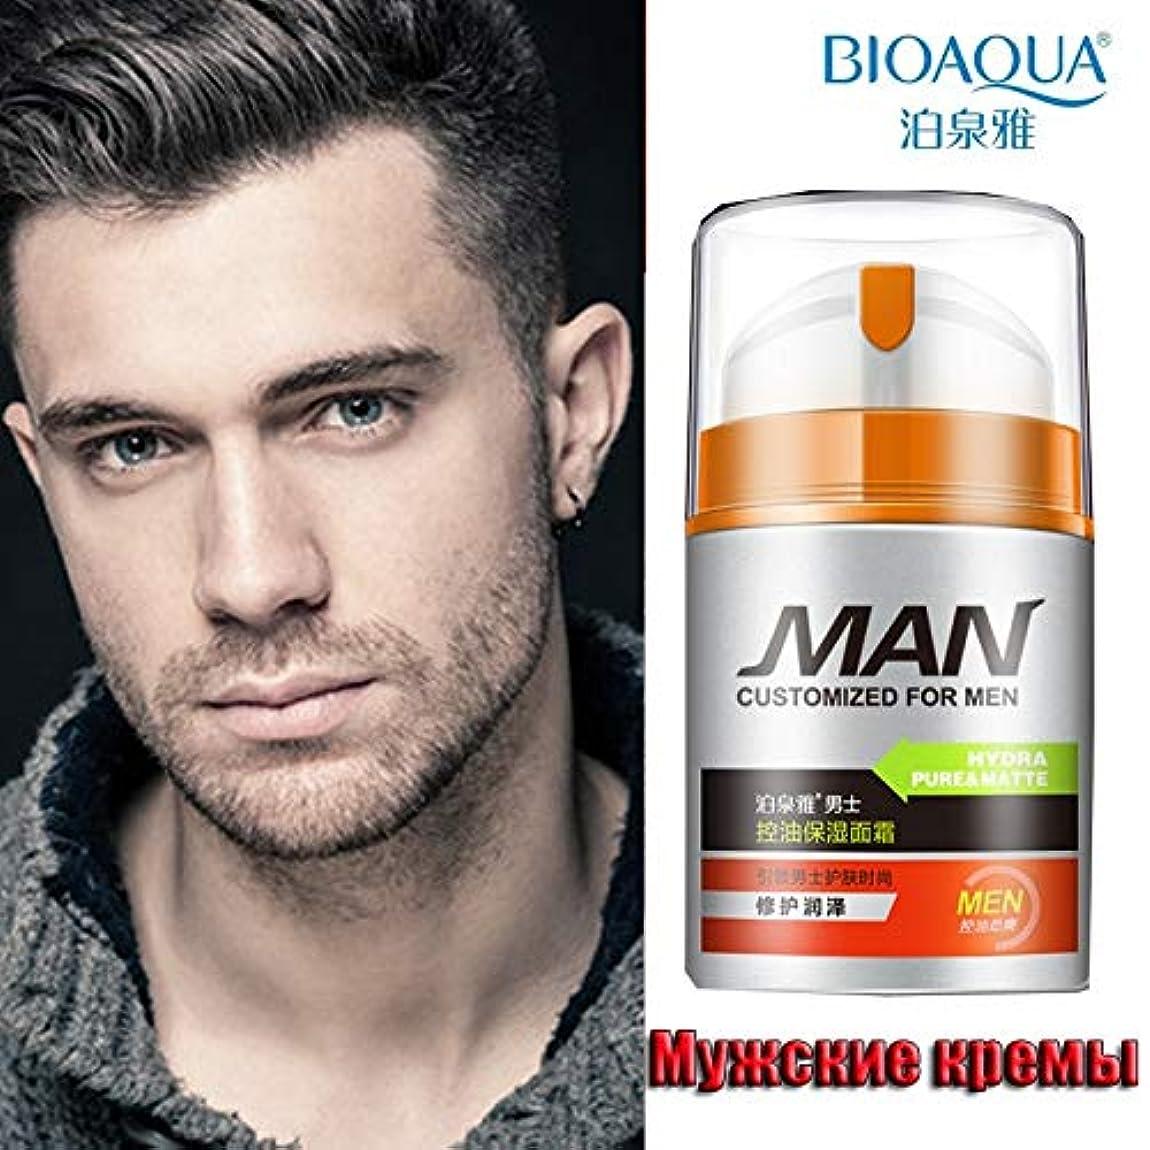 何でも下るレーニン主義Bioaquaフェイスケアダイナミック男性保湿クリーム保湿アンチリンクルモイスチャライジングミルク男性ケア製品